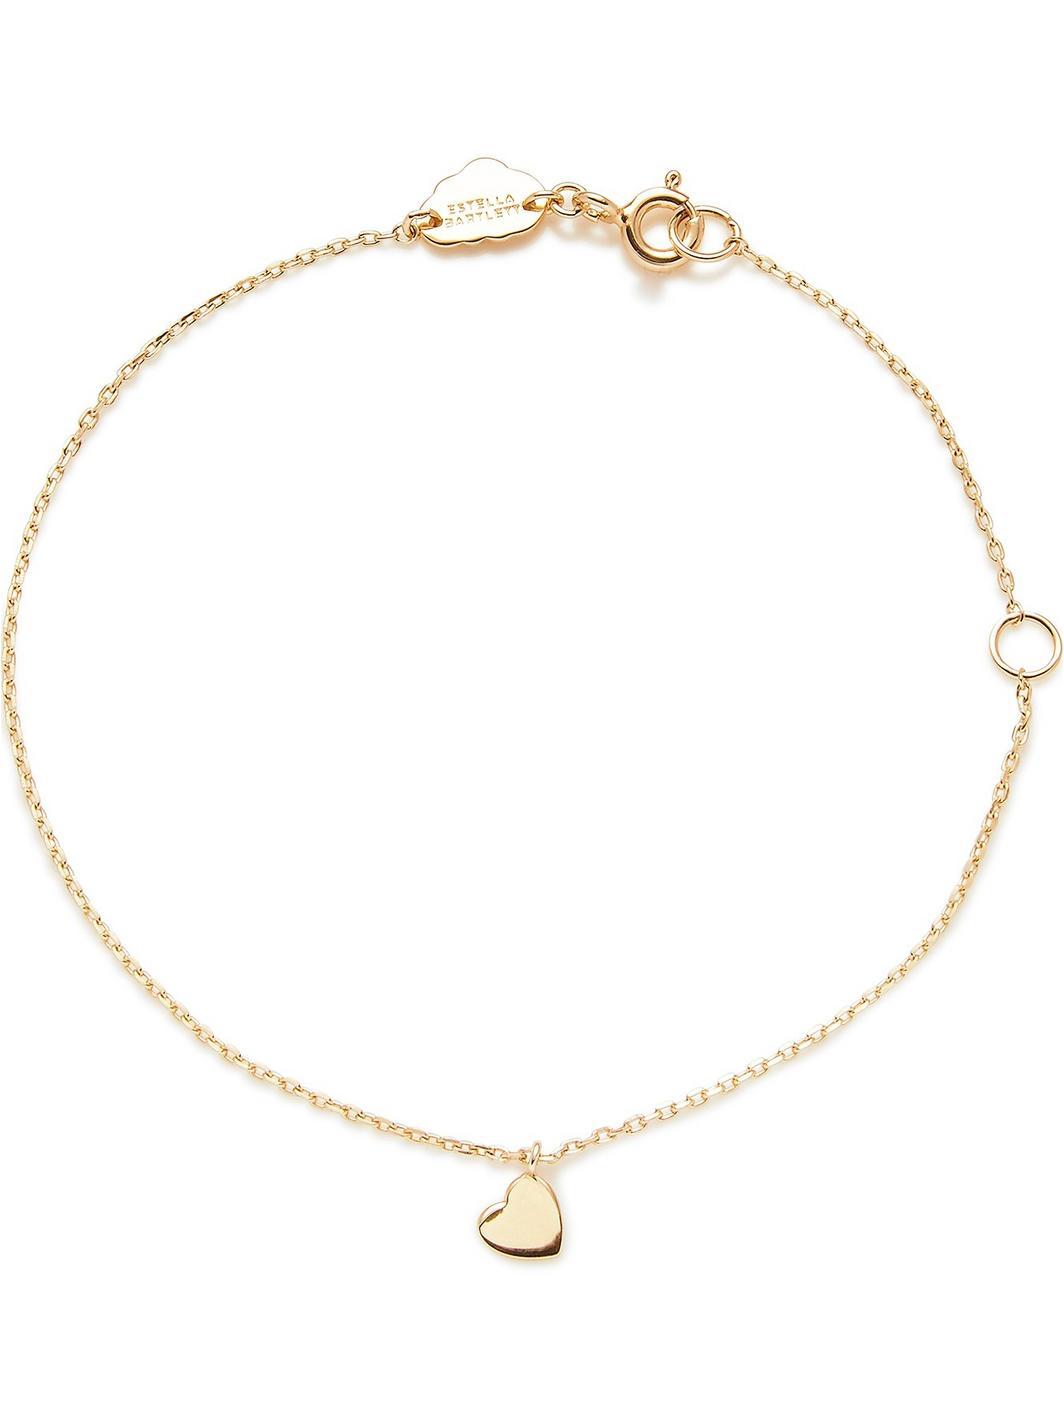 Heart Charm Bracelet - £45